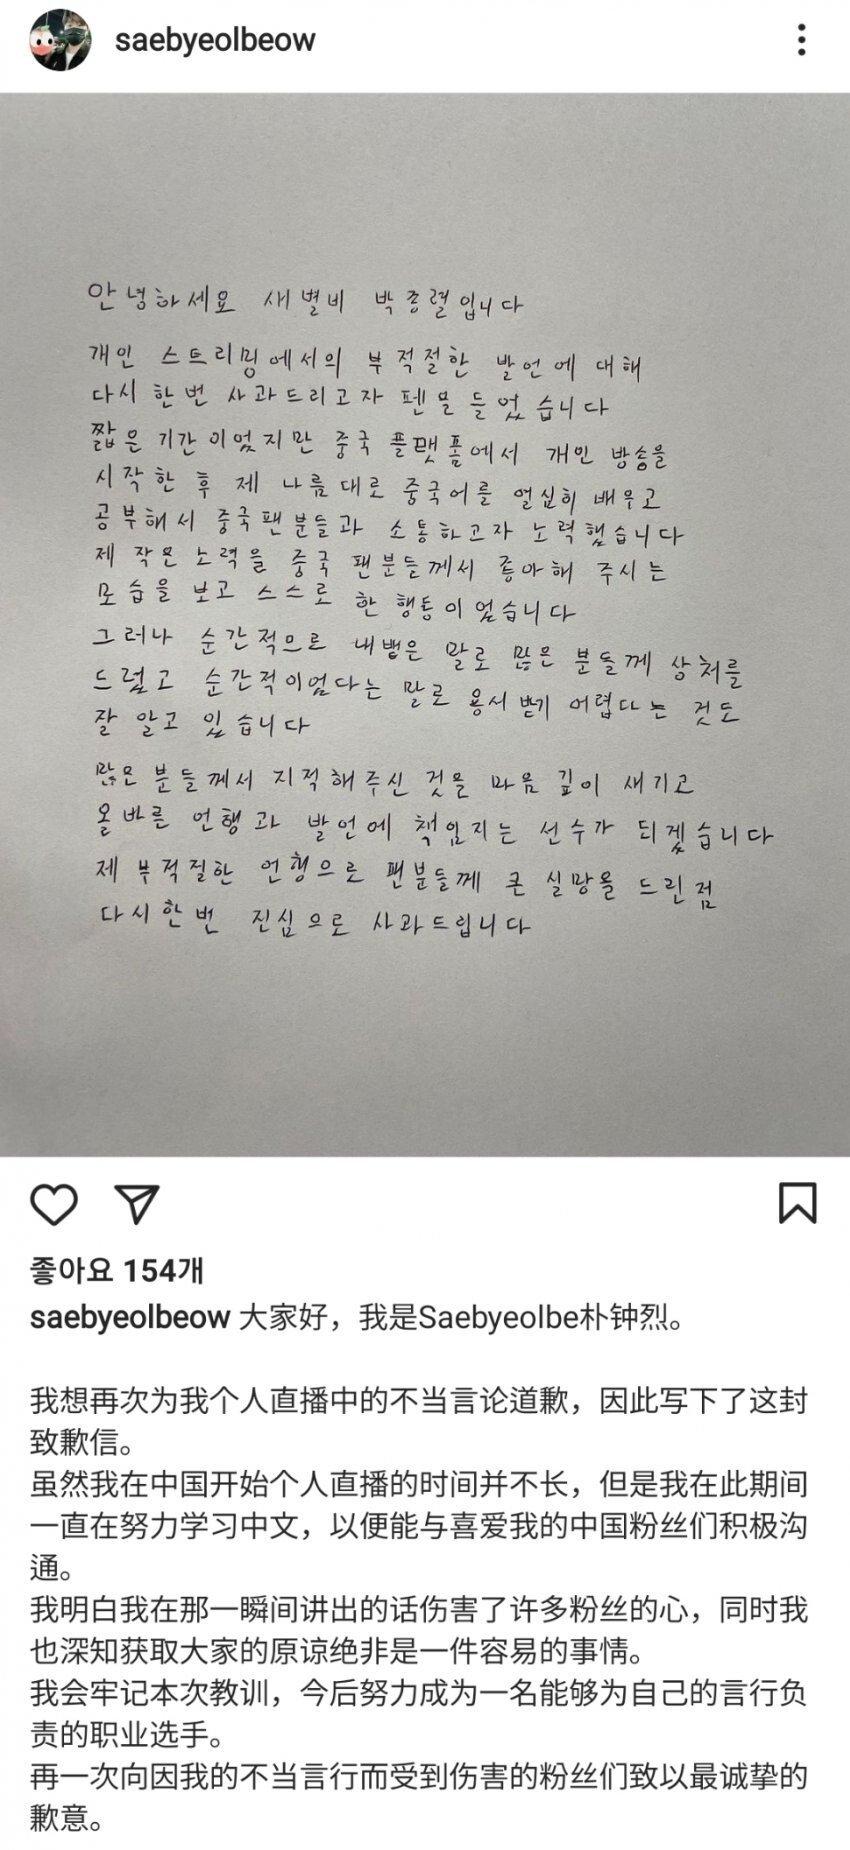 2.jpg 실시간) 오버워치 한국 선수 상대로 보이콧 하는 중국 구단팀들 ㄷㄷ...jpg